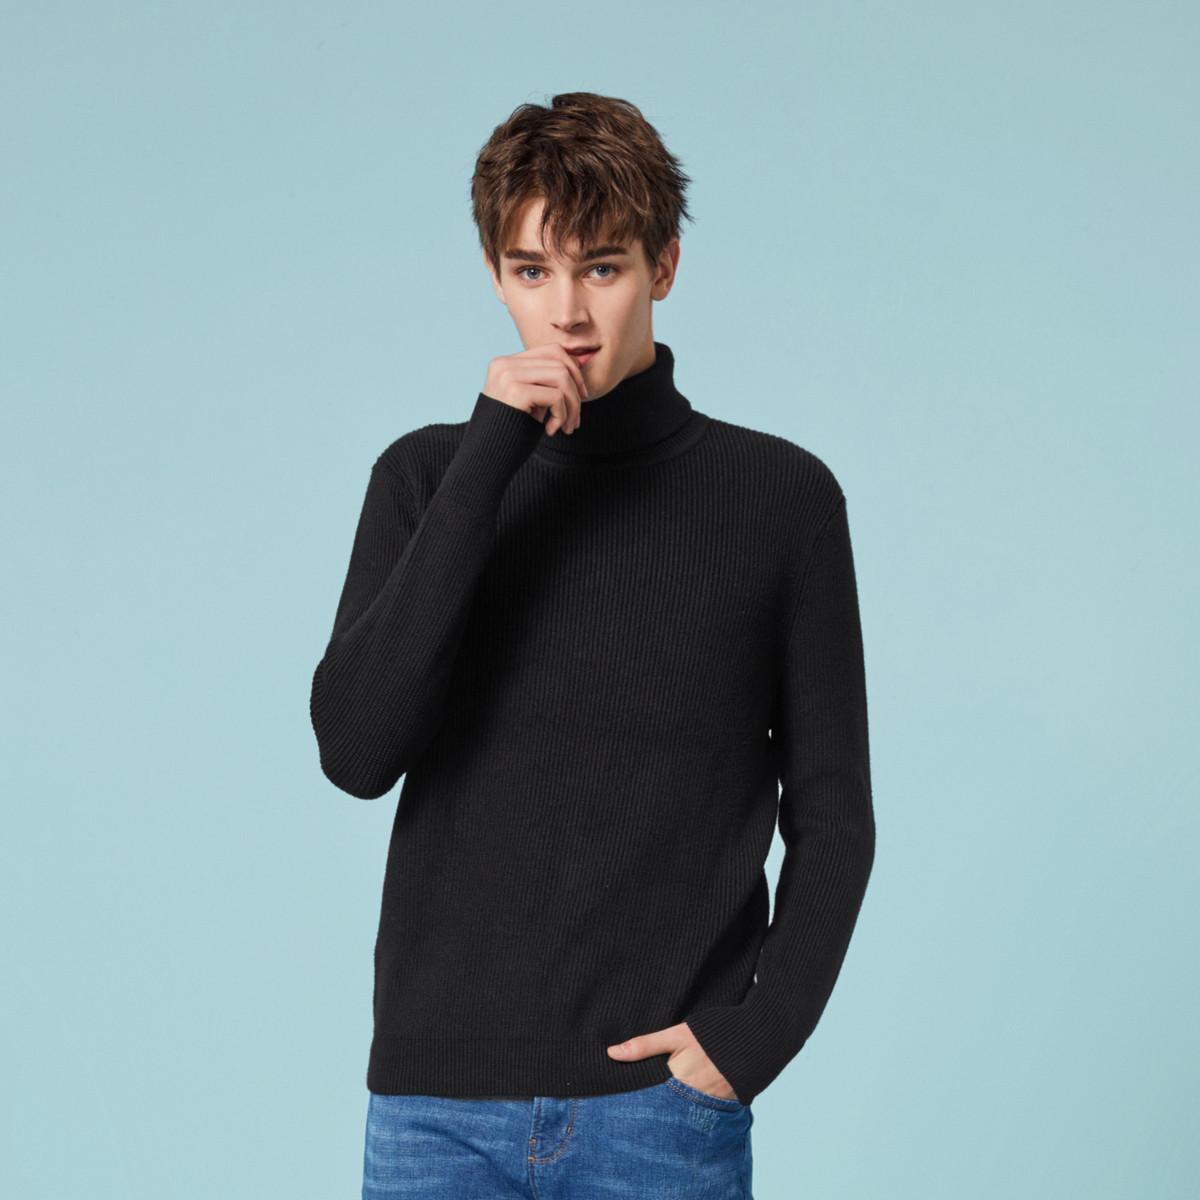 保暖高领触感细腻森马2018冬装新款简约休闲保暖舒适毛衣男士针织衫男图片